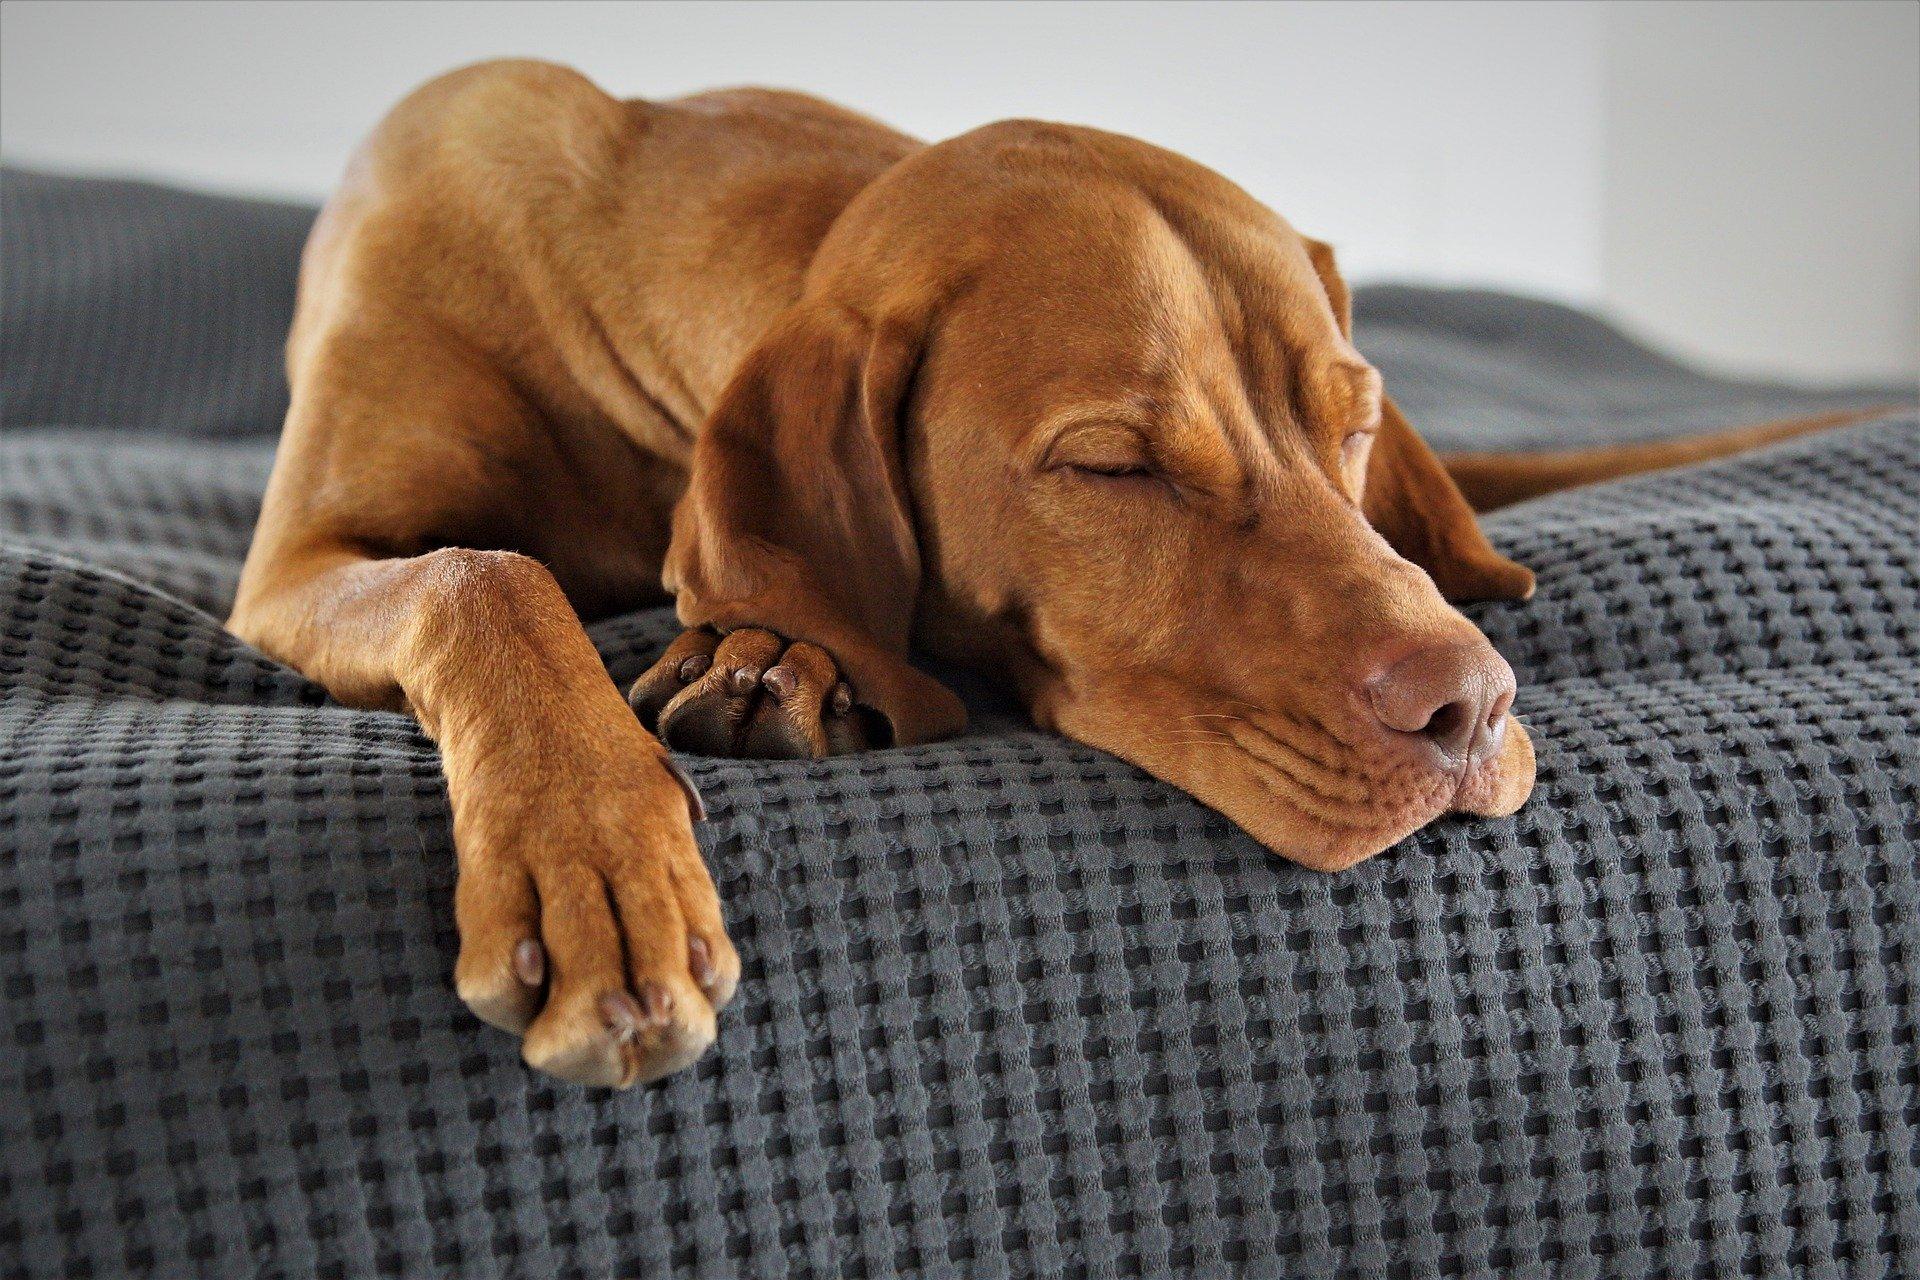 Música para cachorro dormir?